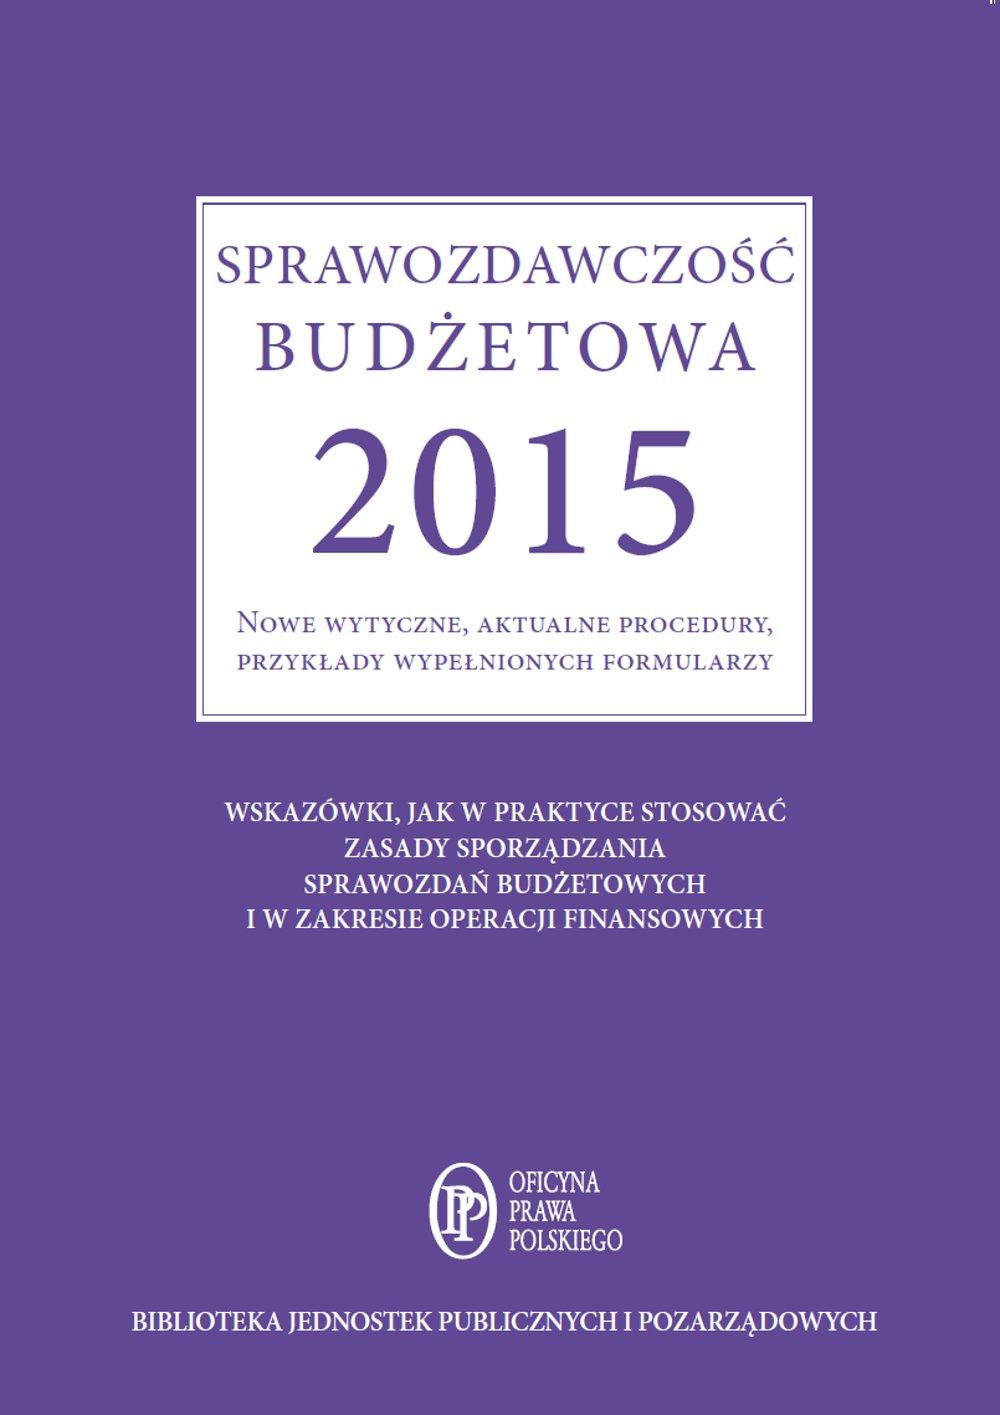 Sprawozdawczość budżetowa 2015. Nowe wytyczne, aktualne procedury, przykłady wypełnionych formularzy - Ebook (Książka EPUB) do pobrania w formacie EPUB